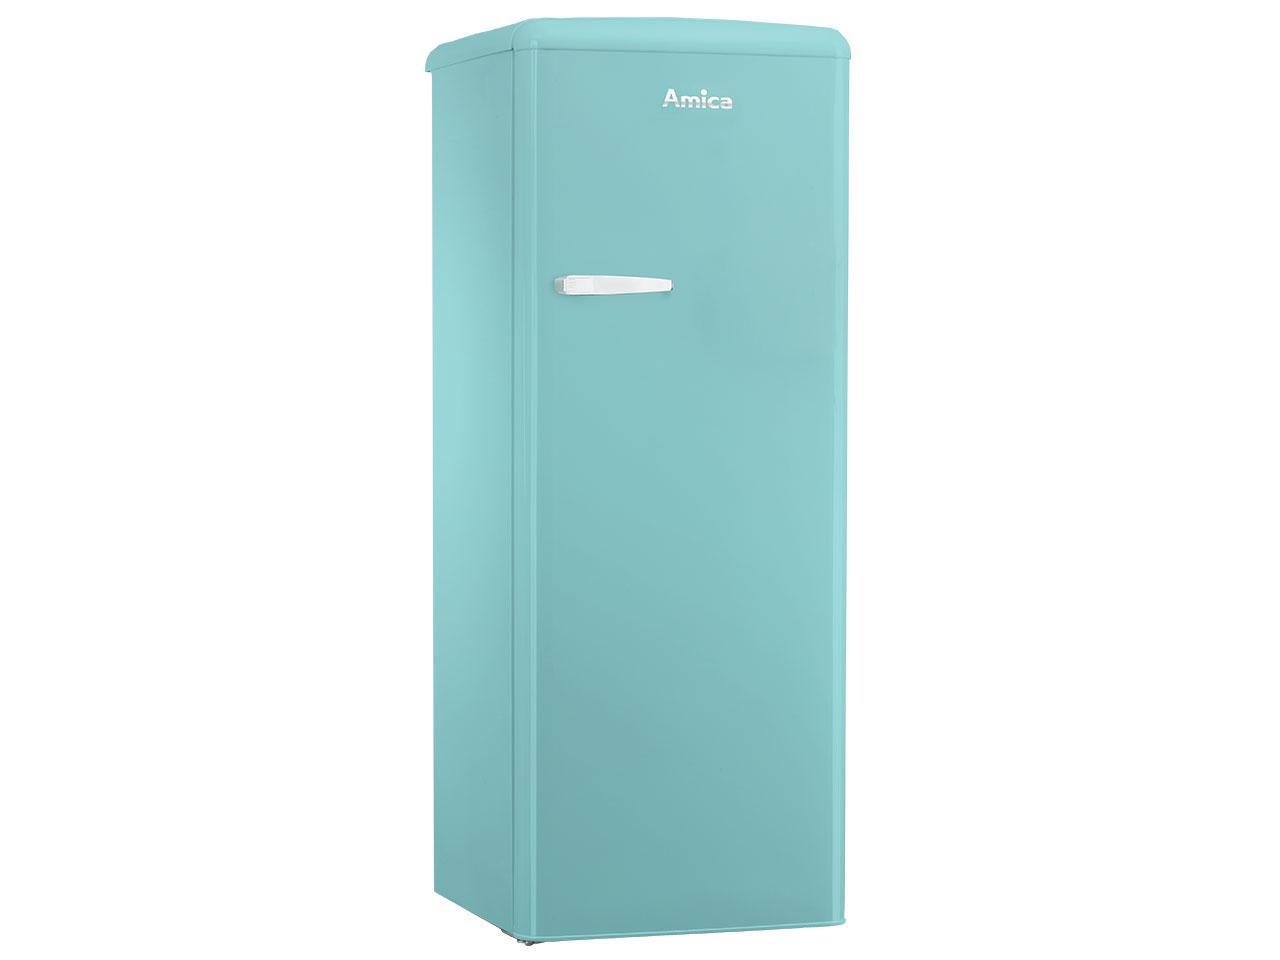 Chladnička AMICA VKSR 354 150 T + 400 Kč na dárky nebo další nákup   CHAT on-line podpora PO-NE do 23 hodin!!